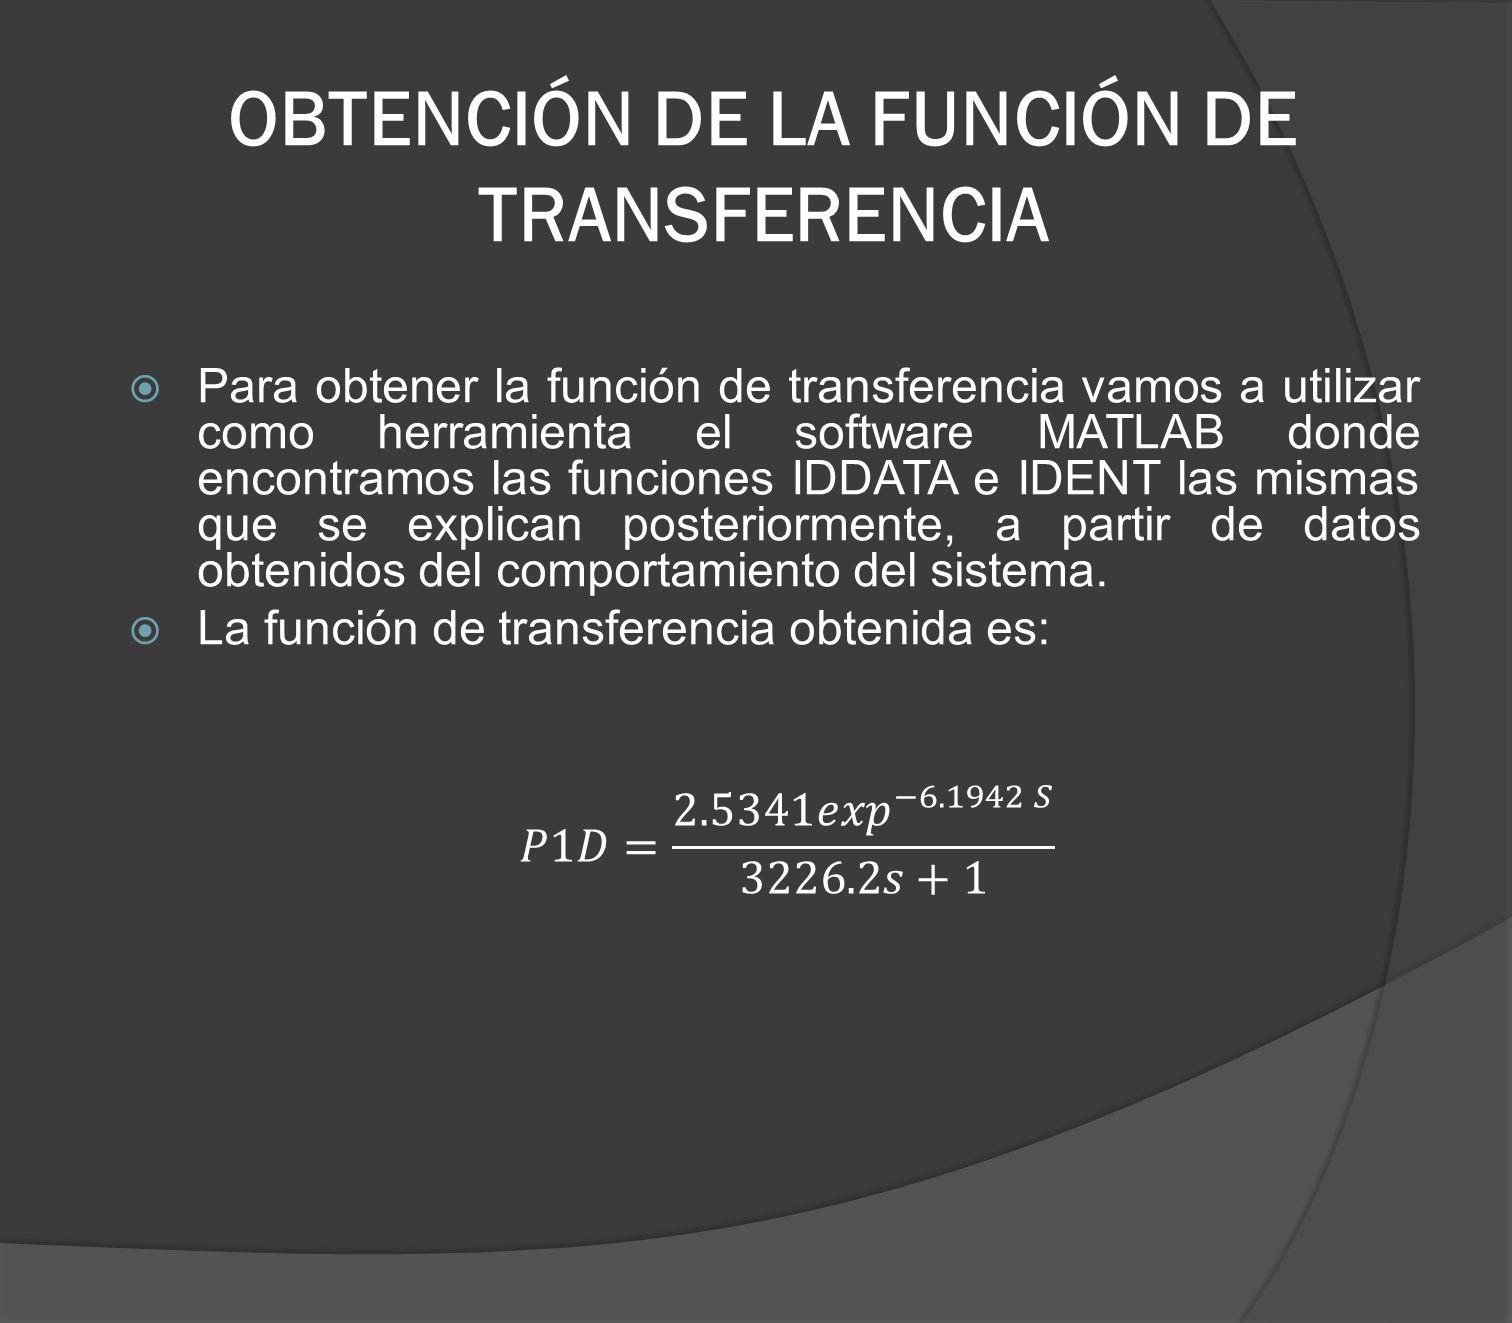 OBTENCIÓN DE LA FUNCIÓN DE TRANSFERENCIA